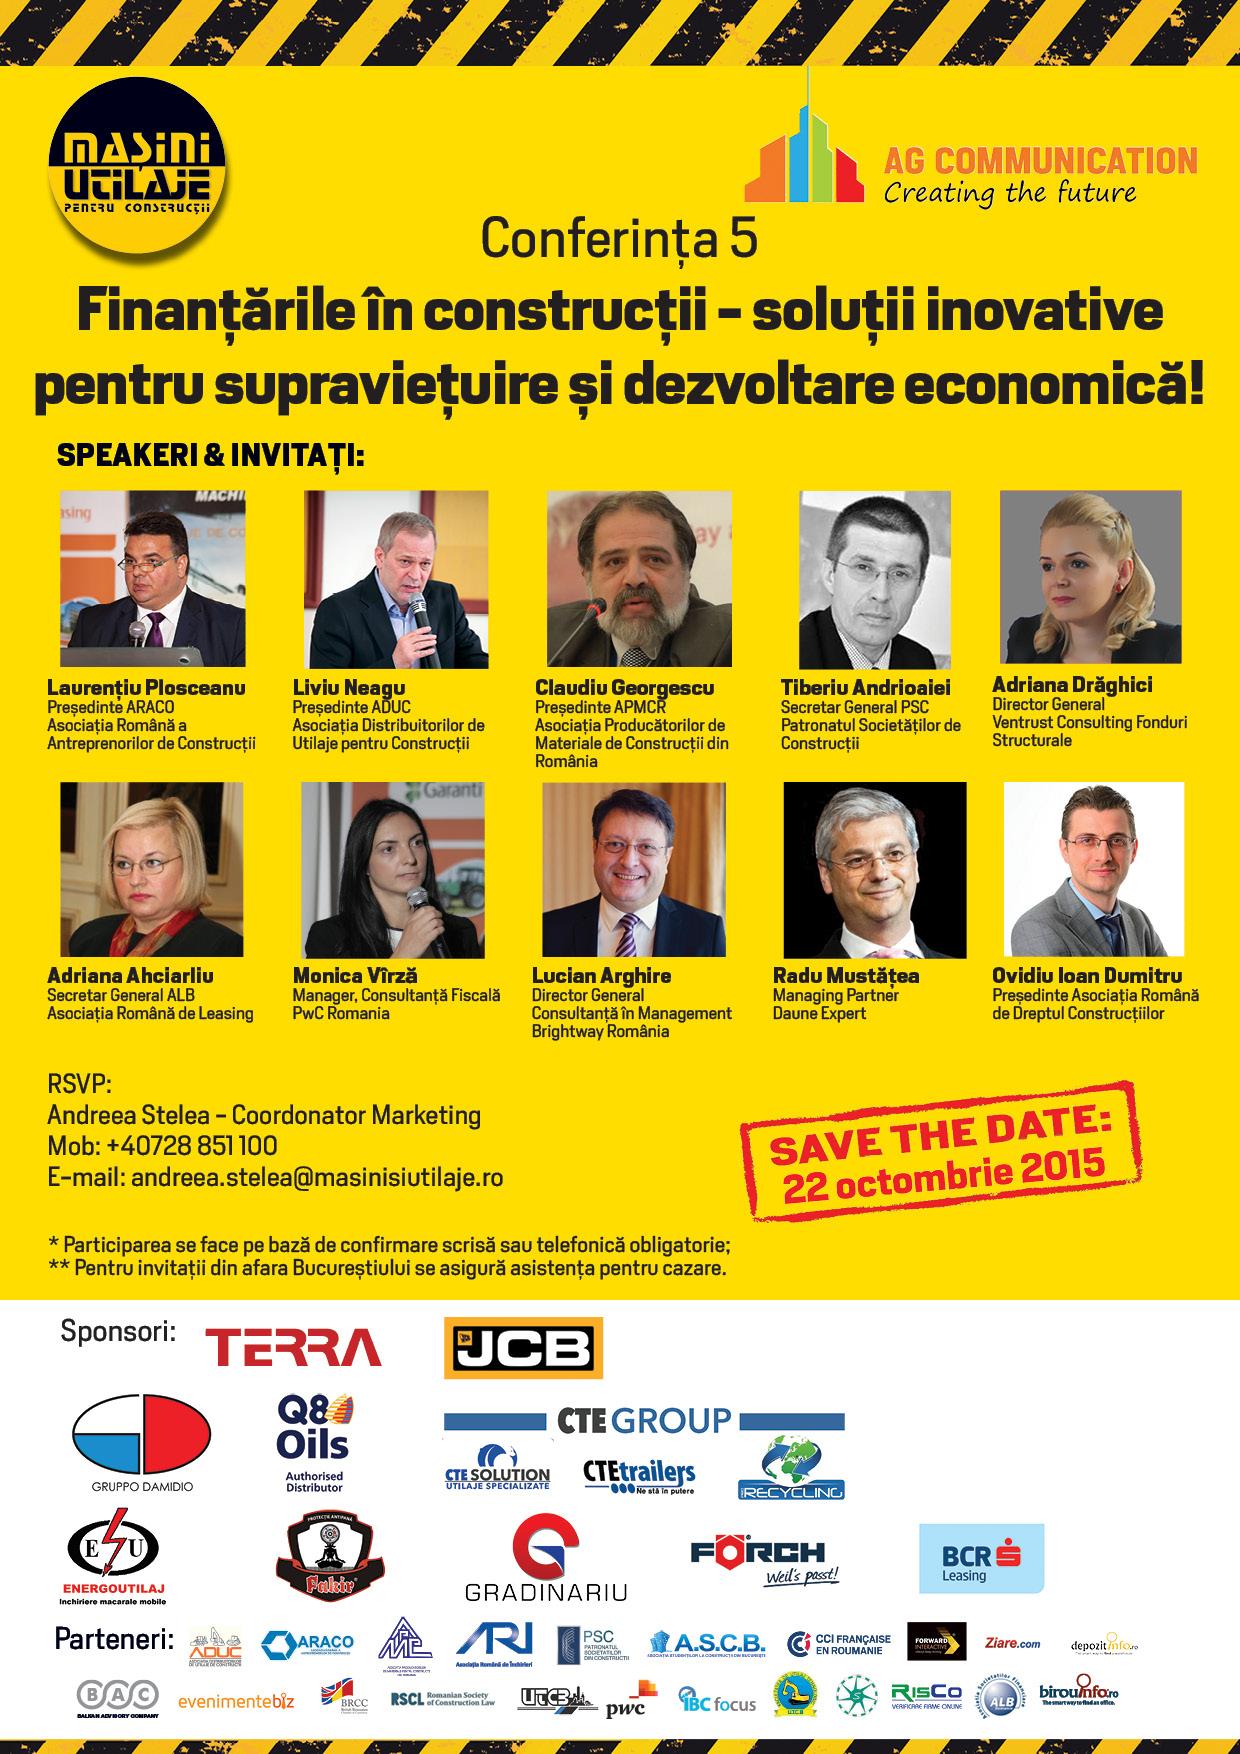 Conferinta 5-update23 sept2015